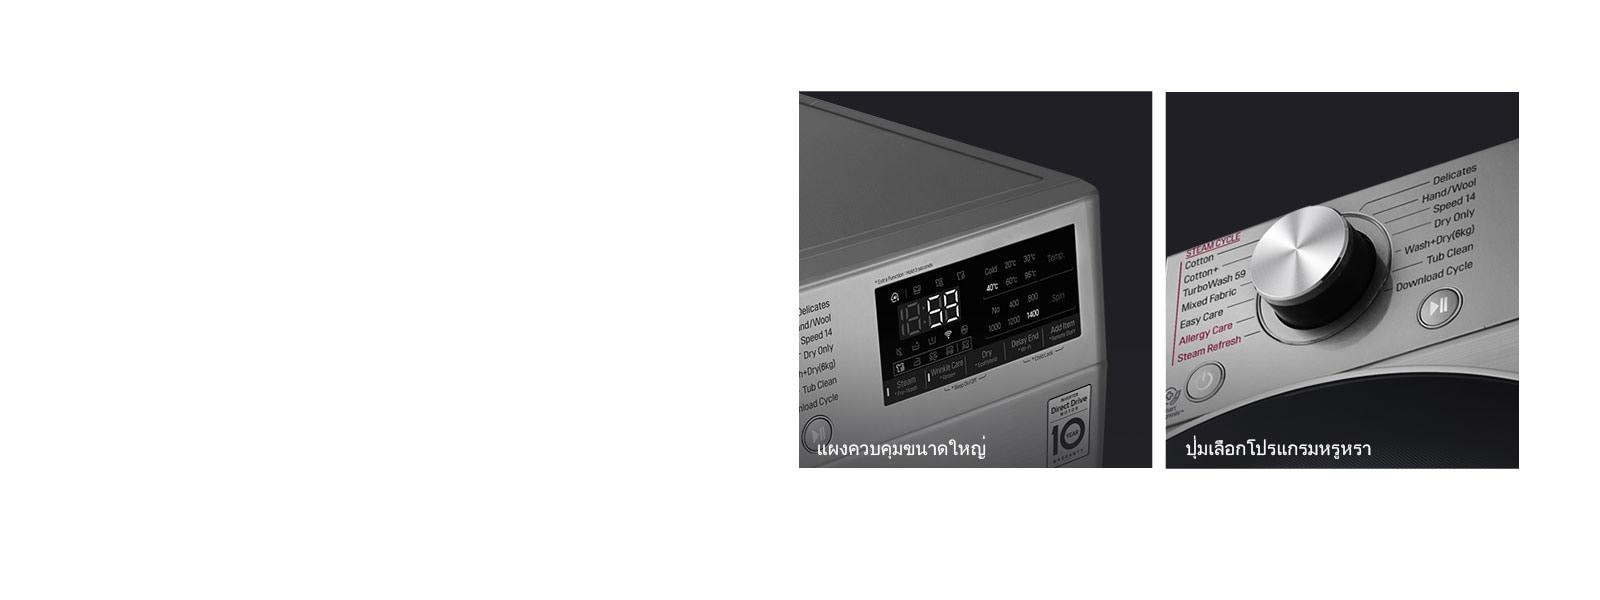 WD-Vivace-V700-VC3-VCM-11-Design-Desktop